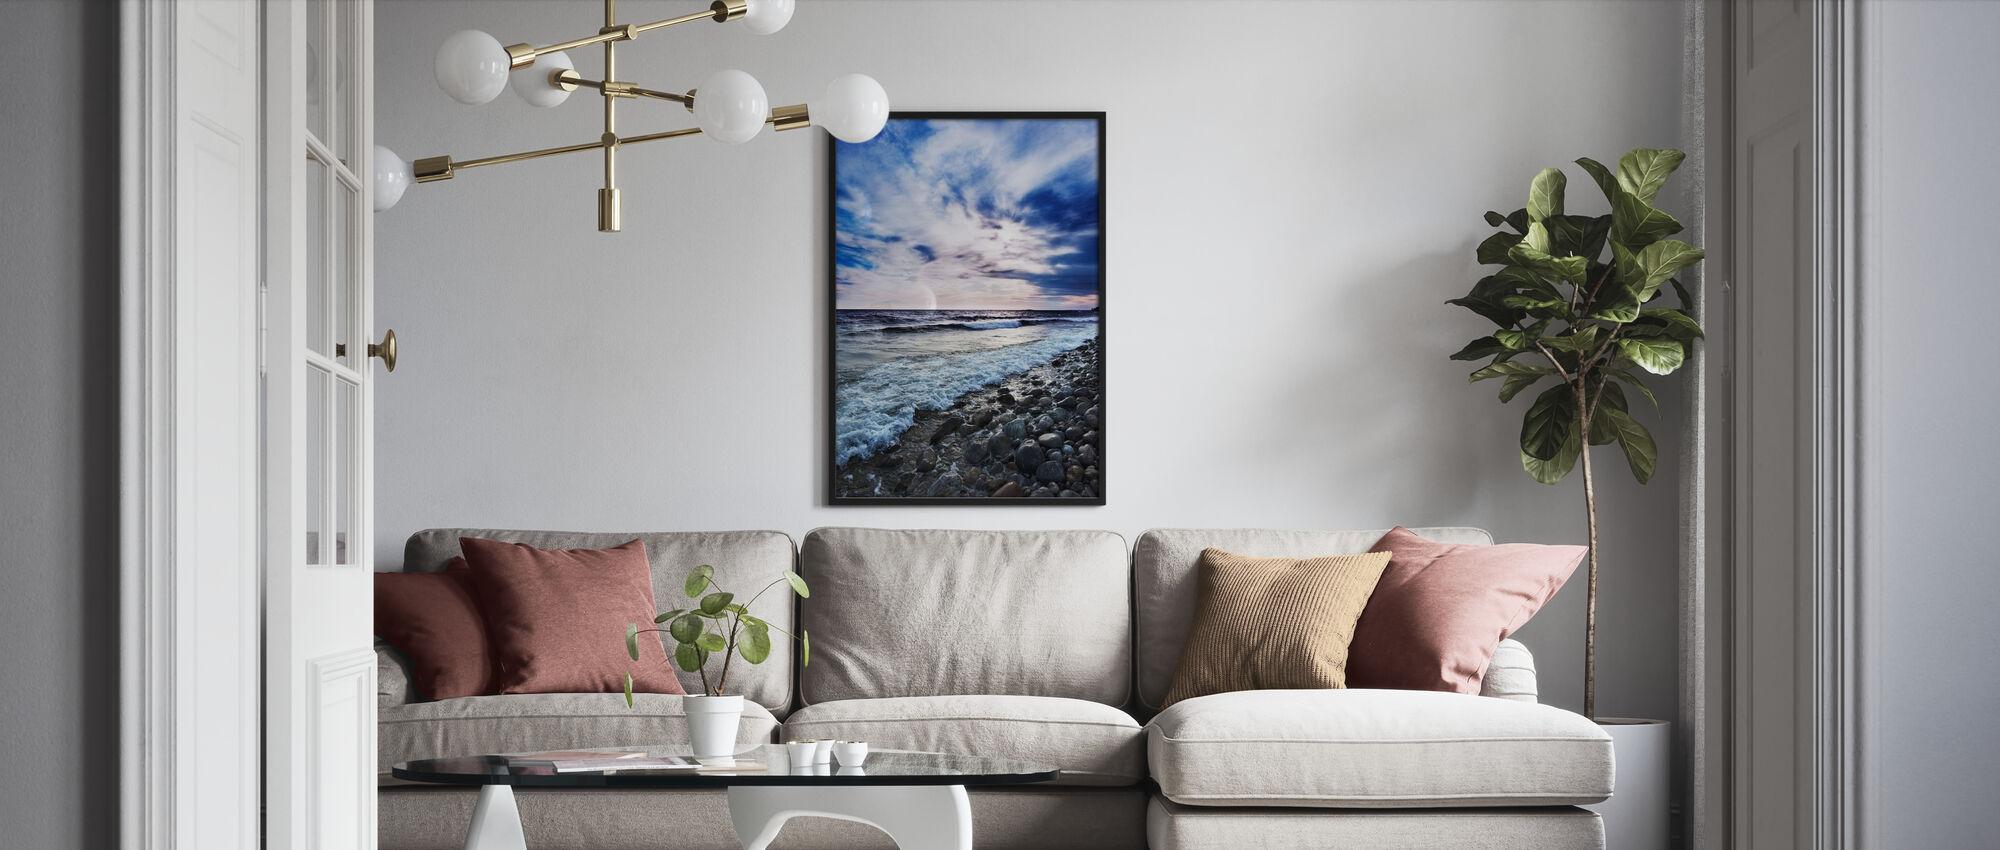 Waves of Torö, Sweden - Poster - Living Room